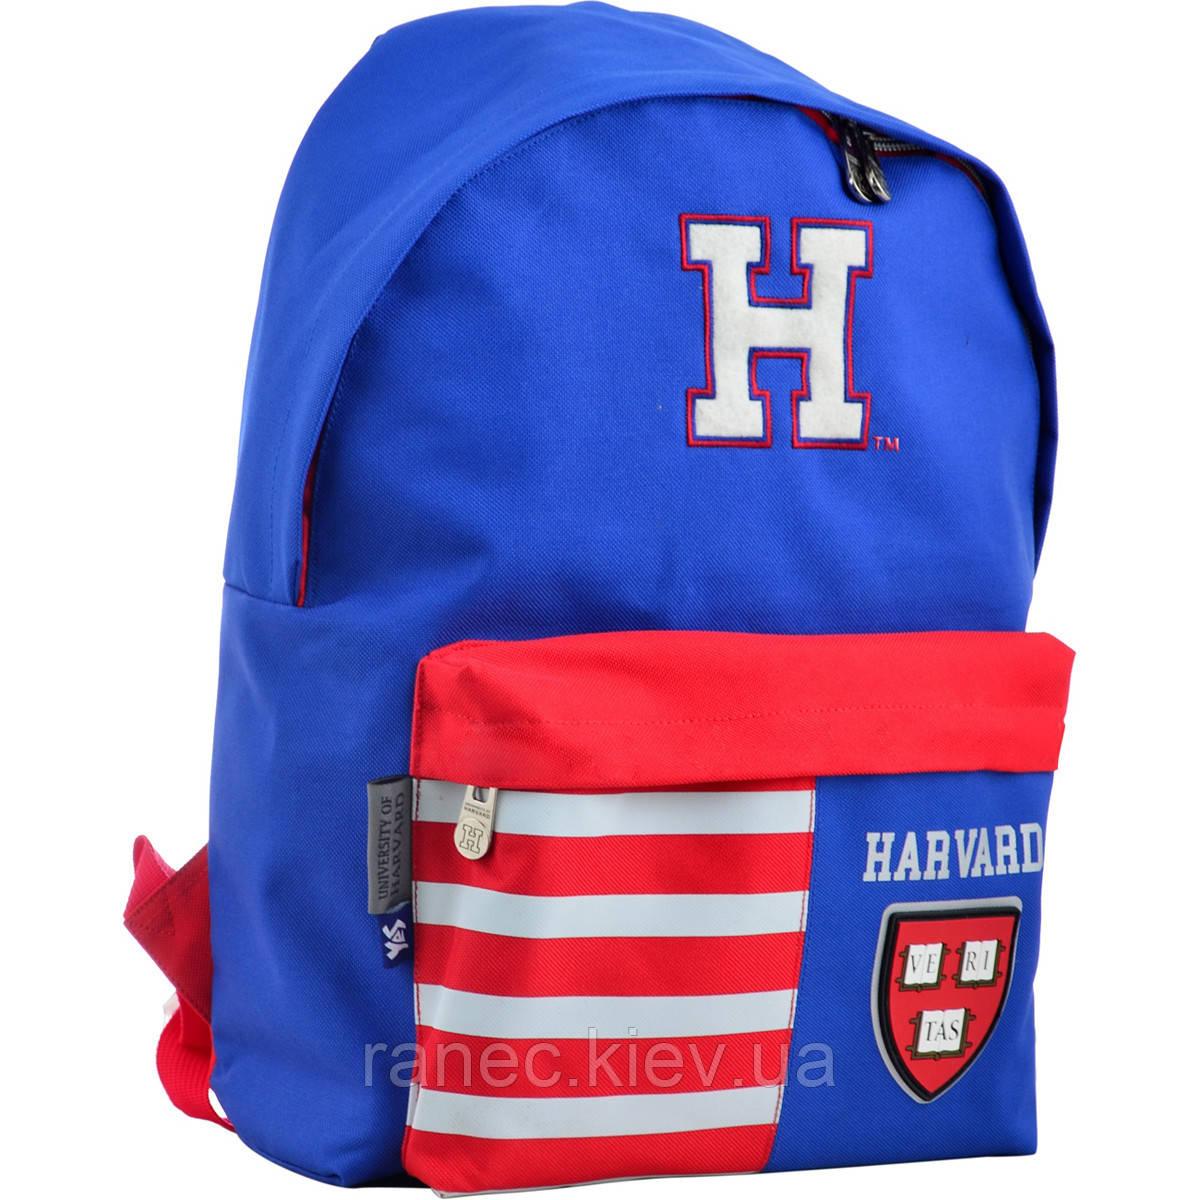 Рюкзак молодежный SP-15 Harvard blue 41*30*11 555040 Yes